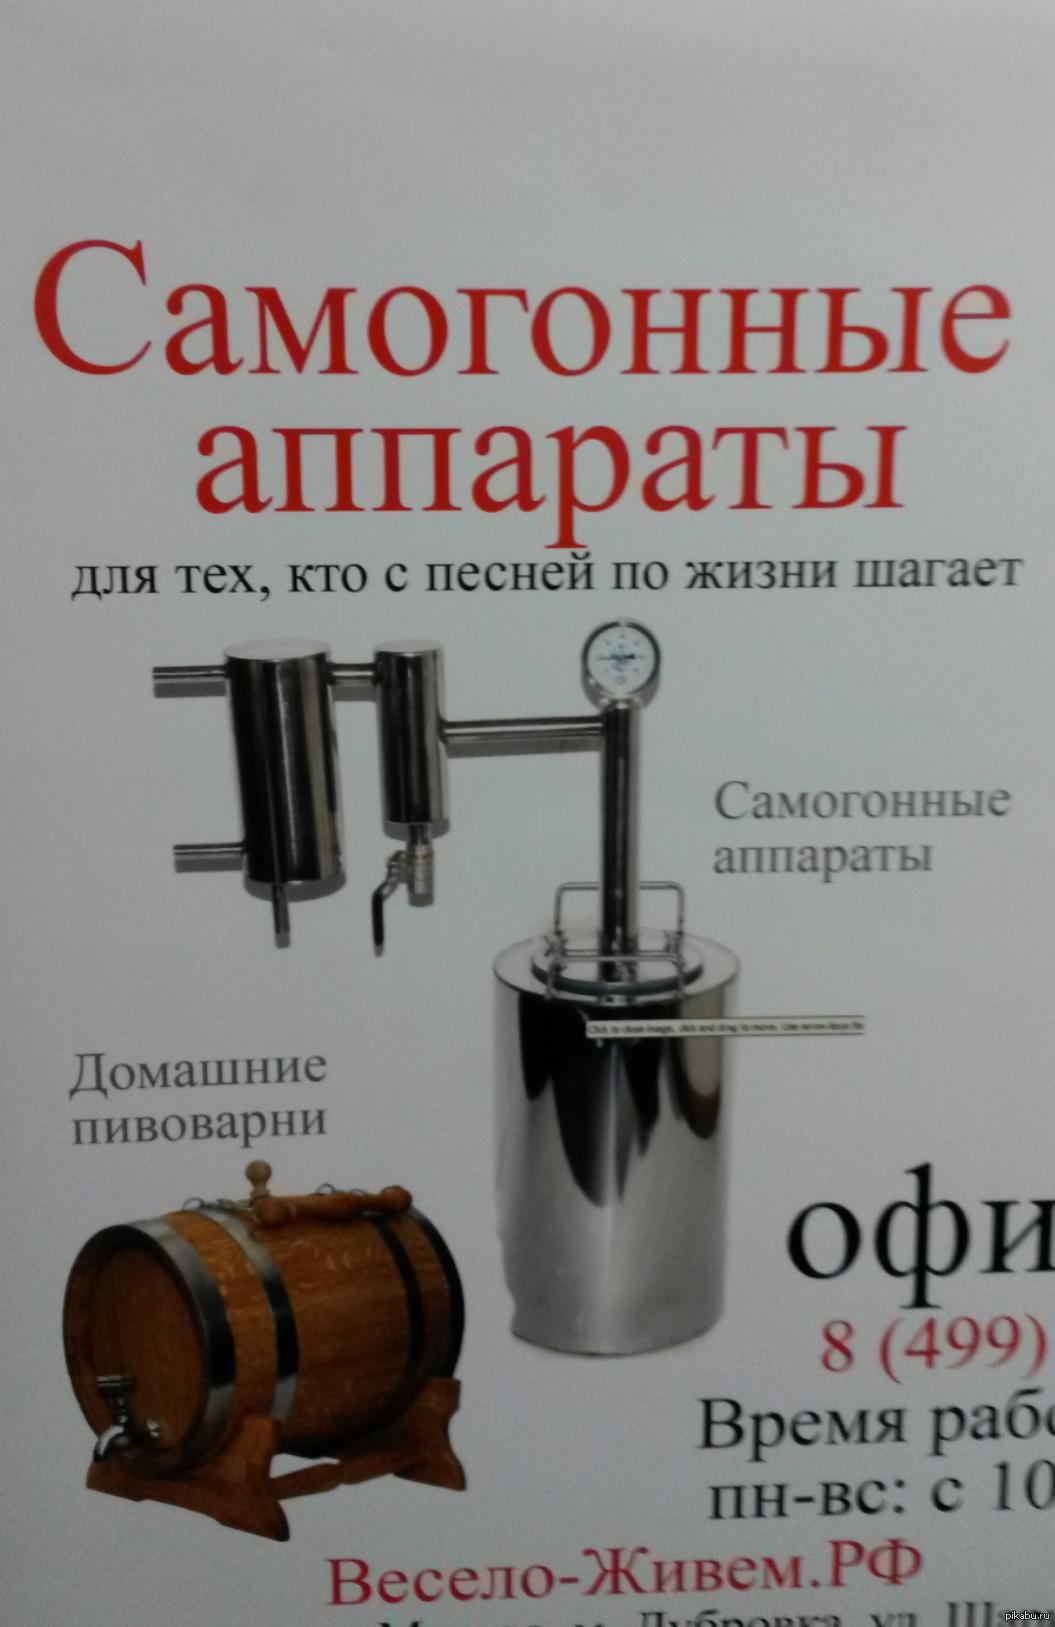 Самогонный аппарат в метро самогонный аппарат 5т.р.с широким горлом, т.с.1.5-2мм